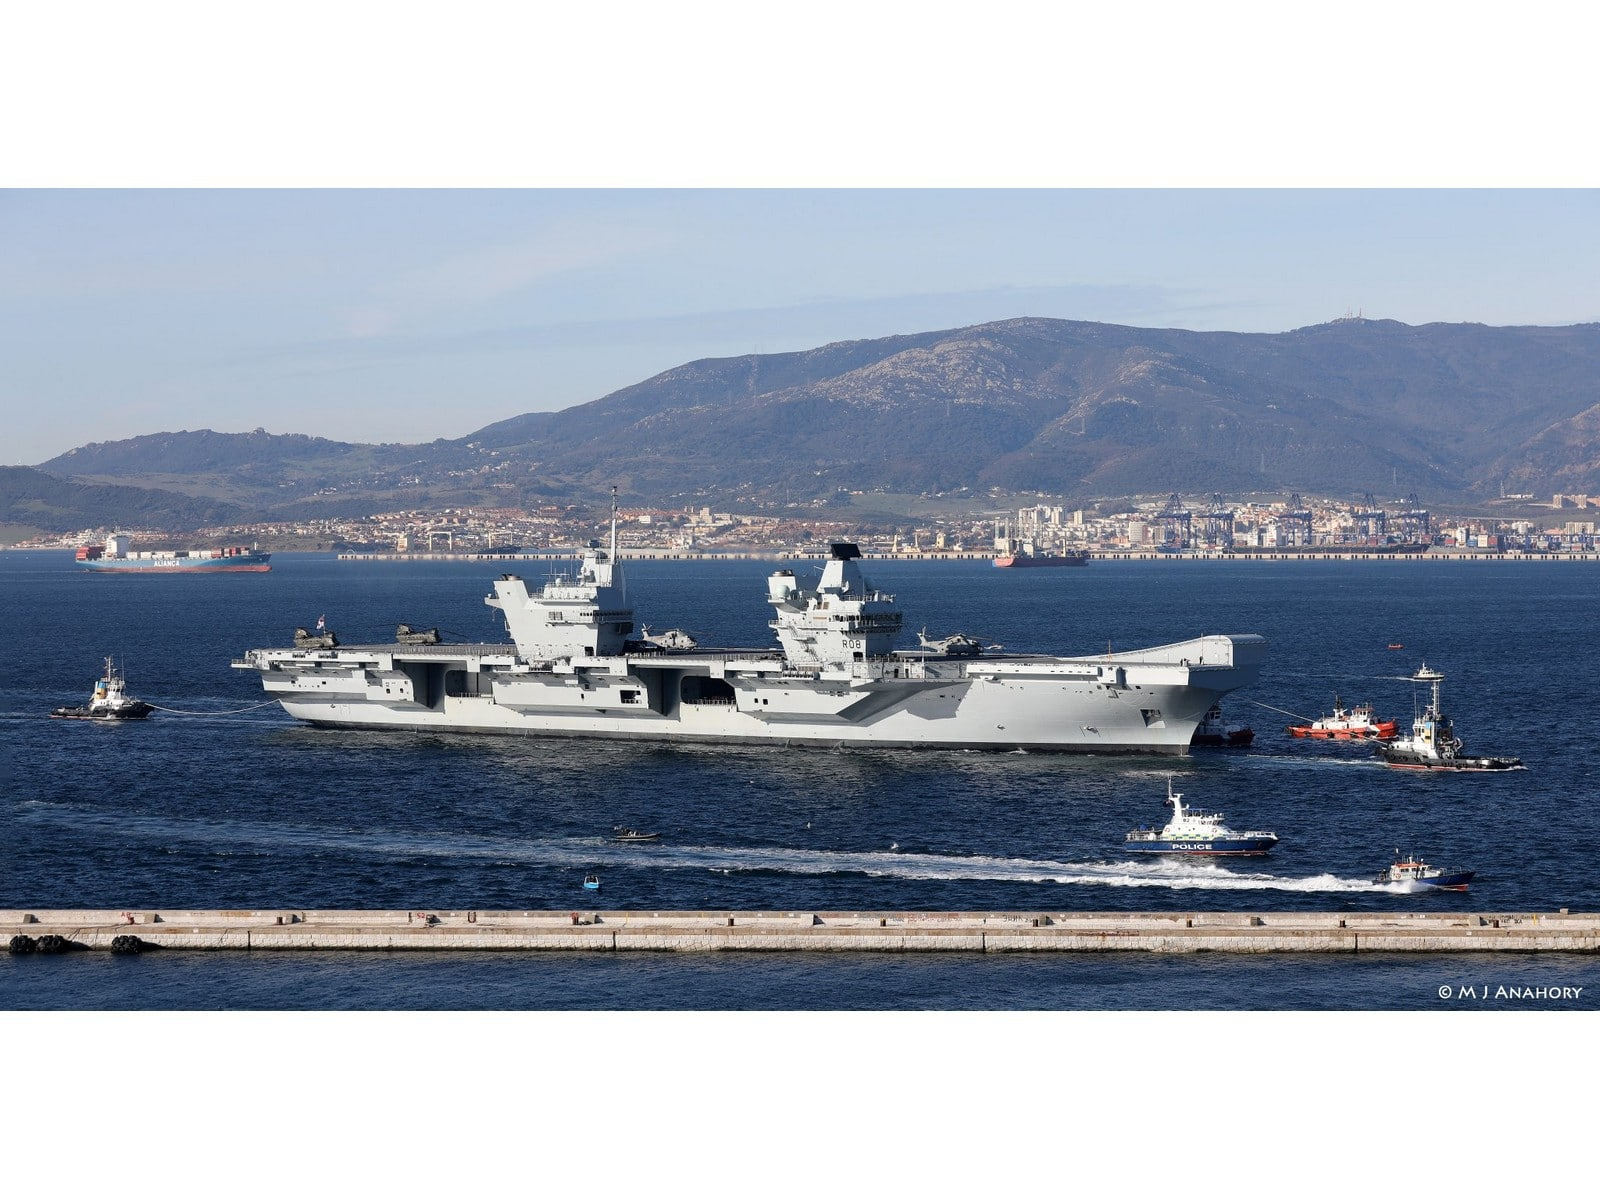 portaaviones-hms-queen-elizabeth-llegando-al-puerto-de-gibraltar-al-fondo-algeciras-via-moses-anahory_26293510828_o